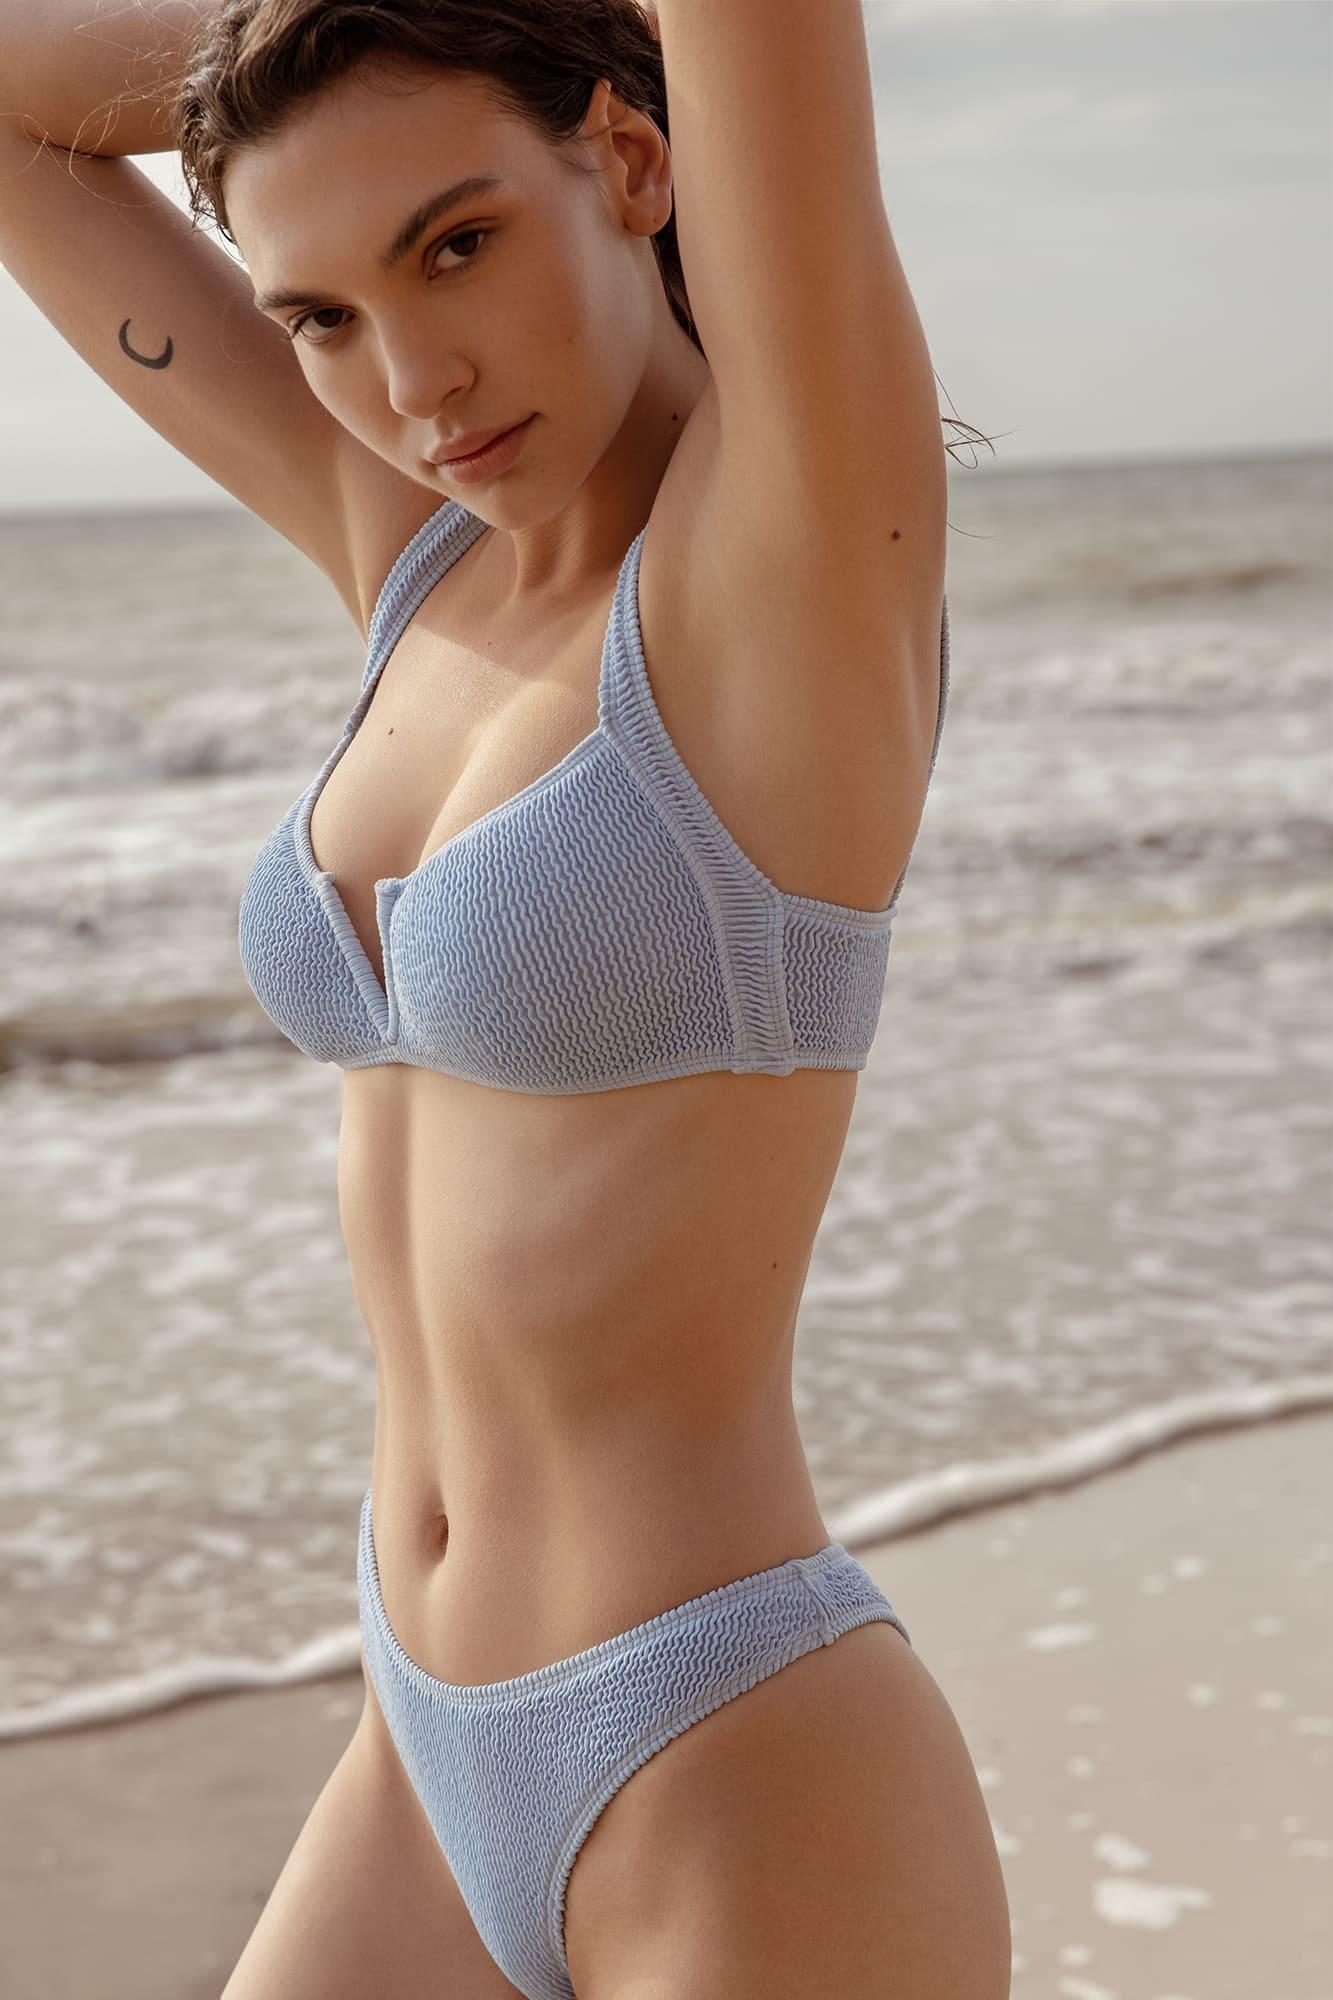 Яркие, стильные и удобные: Fox lingerie представили новую коллекцию купальников (ФОТО) - фото №4